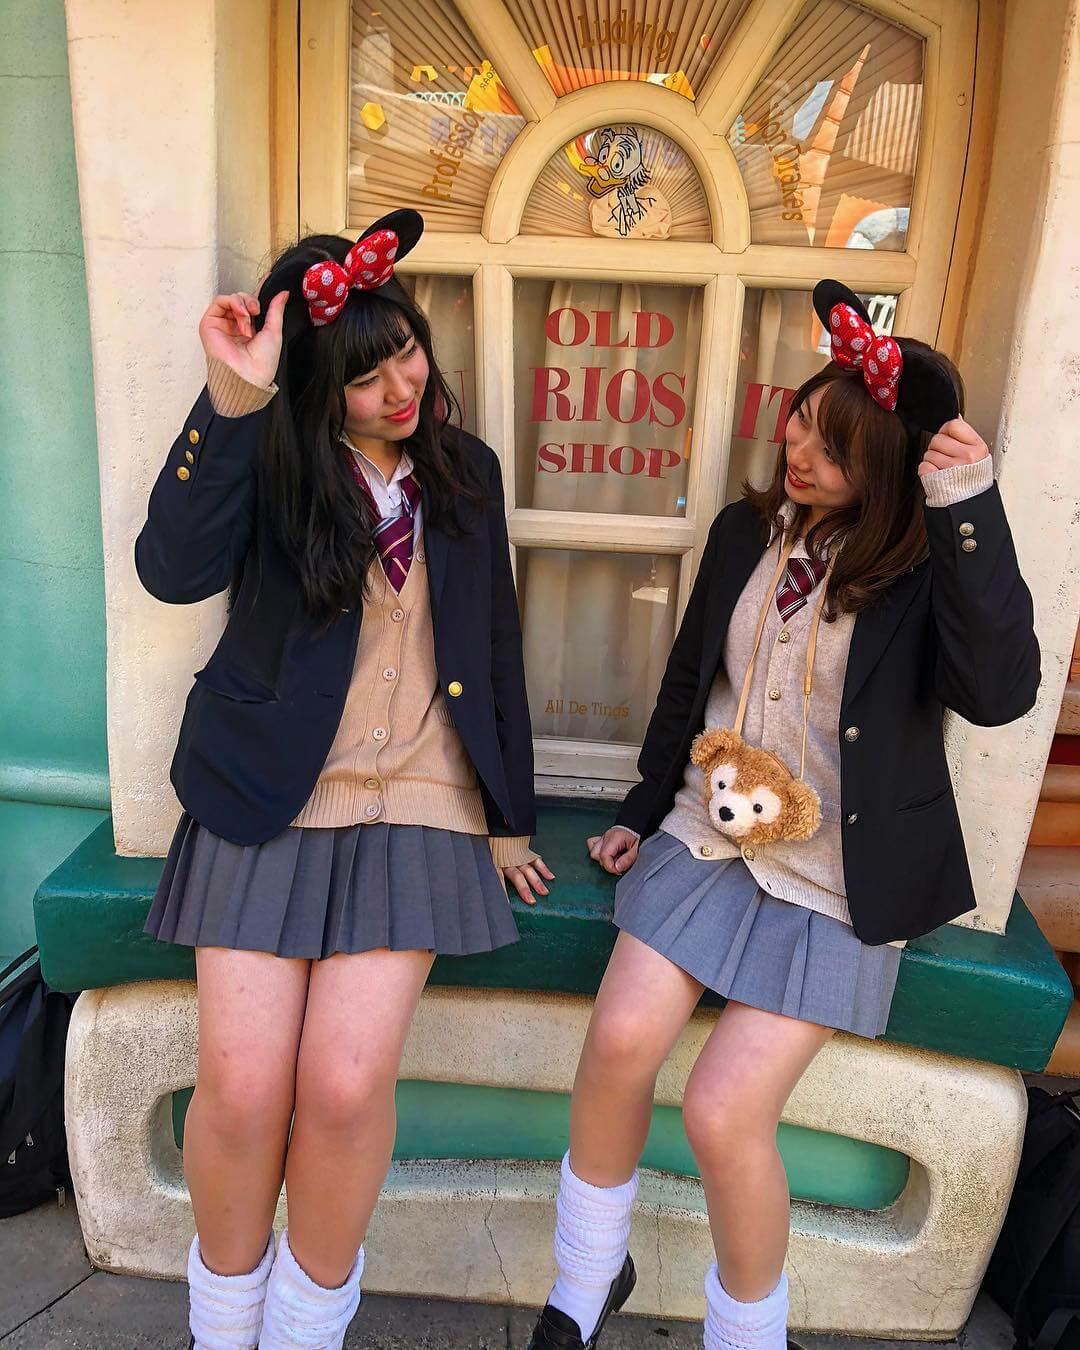 【画像】ディズニーではっちゃける女子高生写真